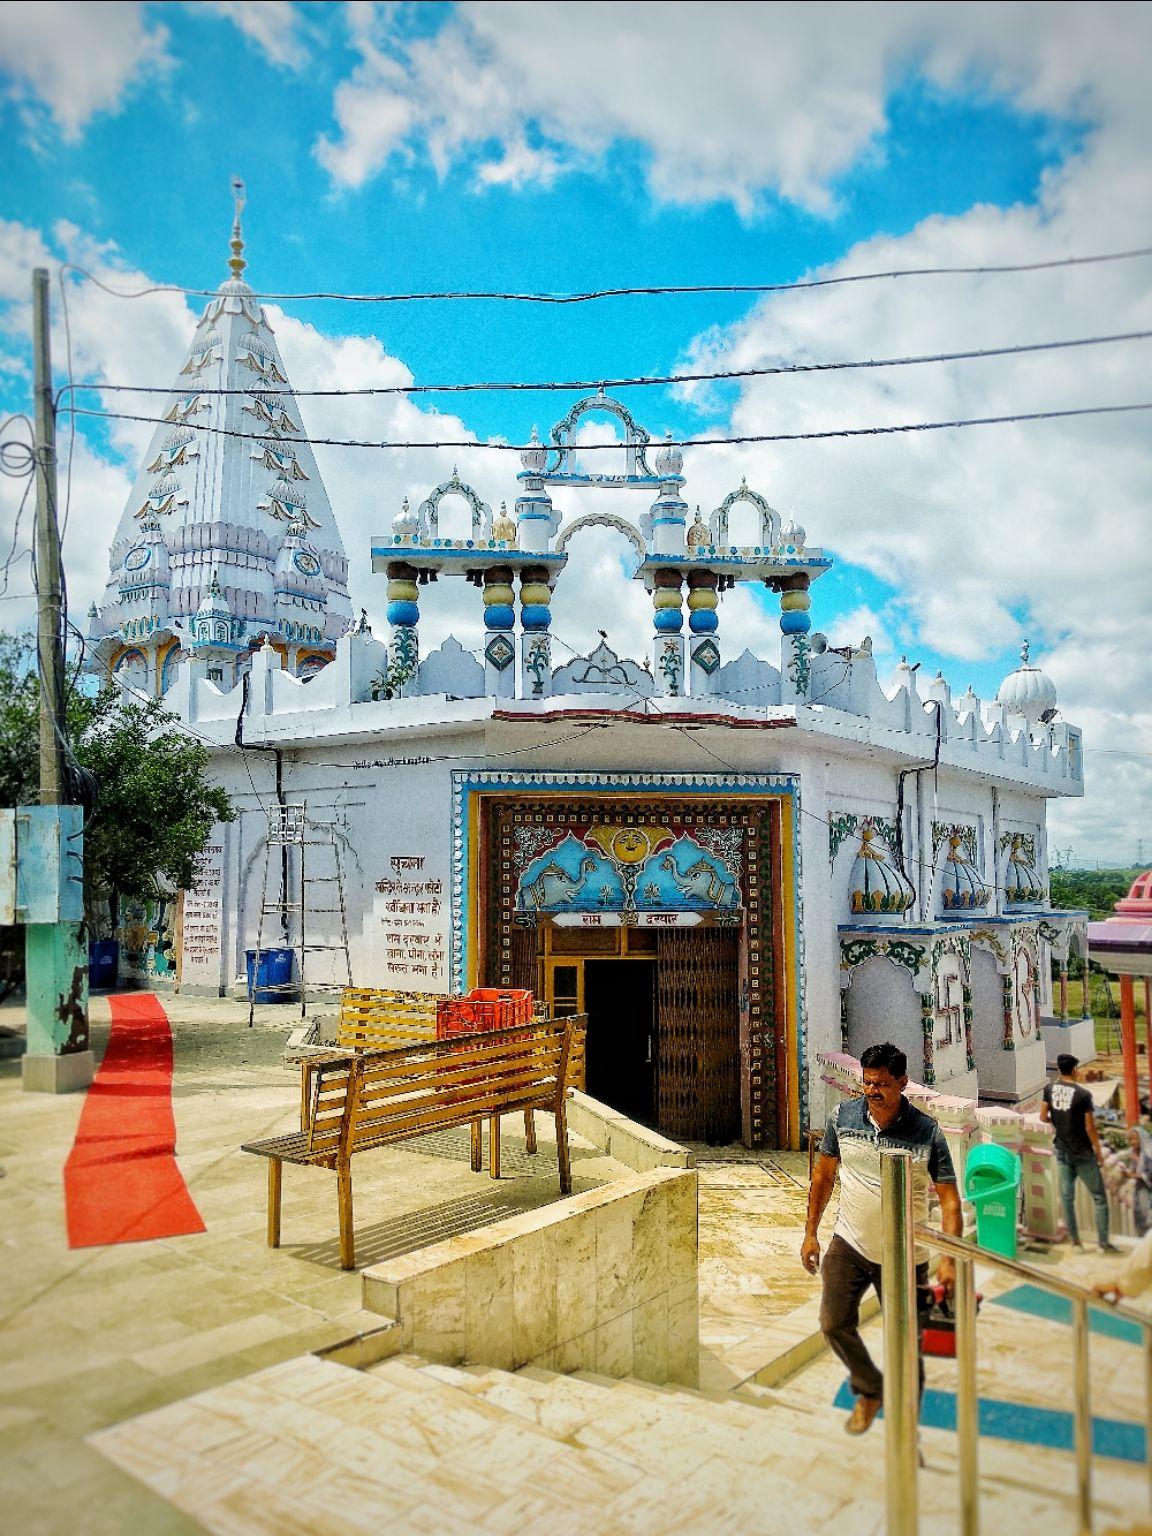 Photo of Pathankot By Mohit kumar pal